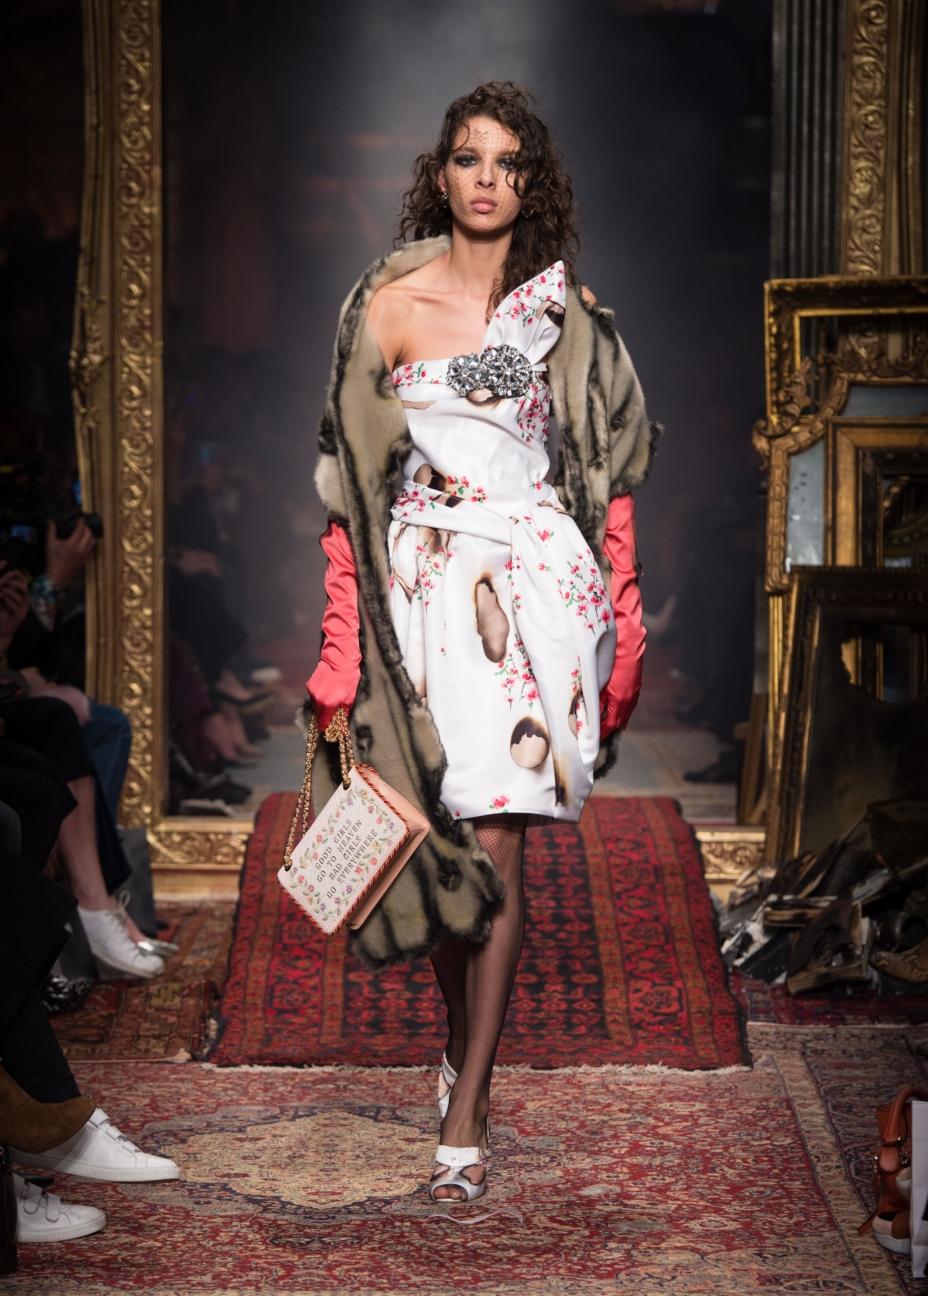 moschino-milan-fashion-week-aw-16-45